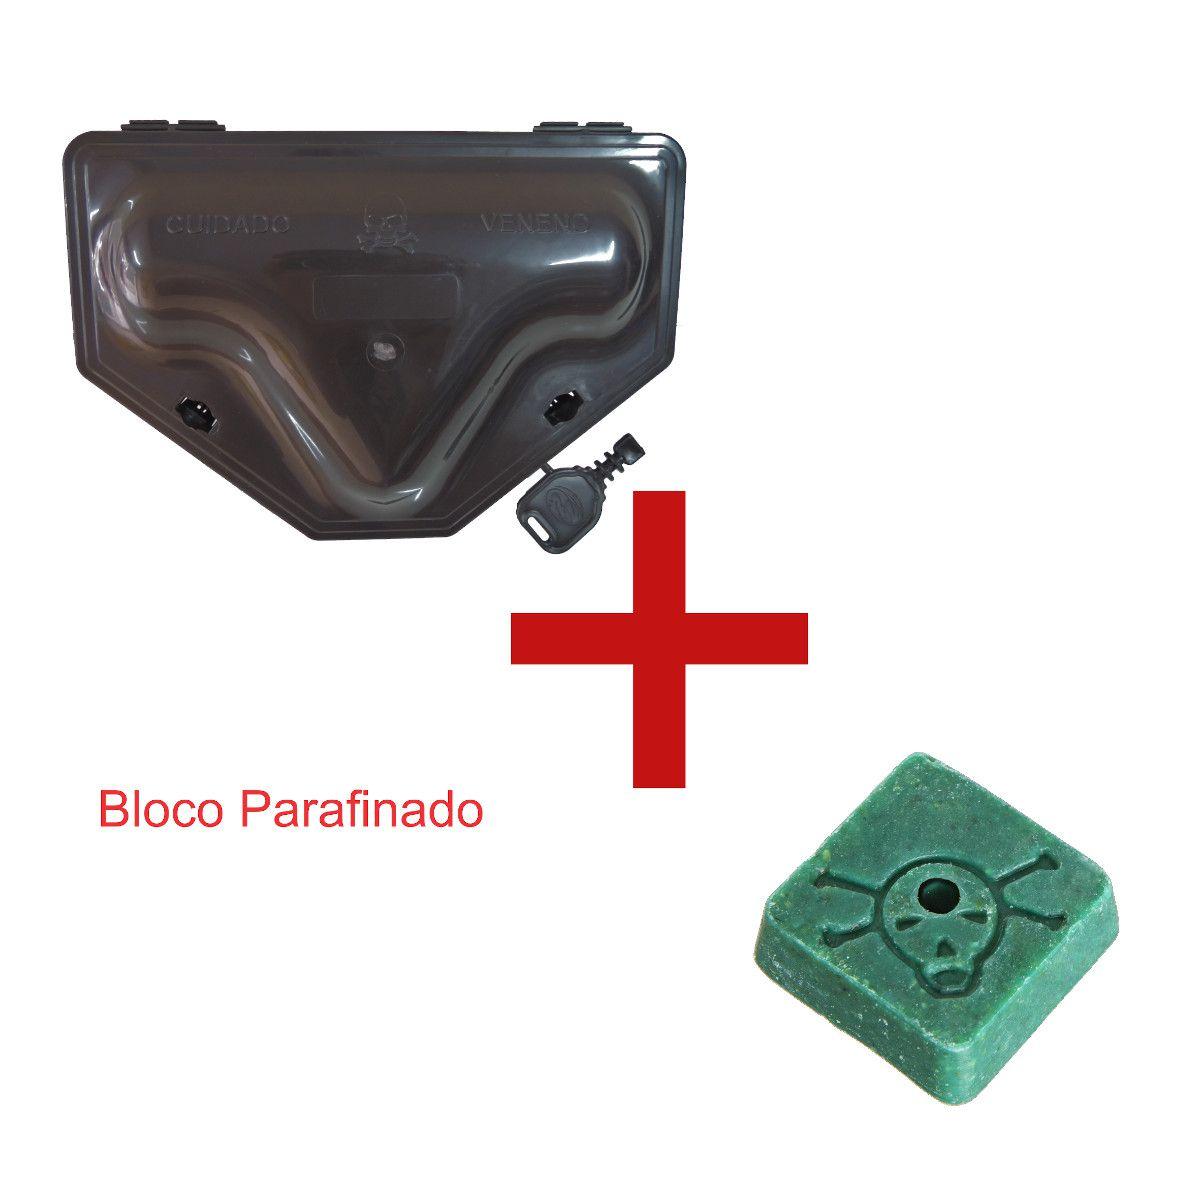 73 Porta Iscas C/ Duplo Travamento + 73 Bloco Parafinado